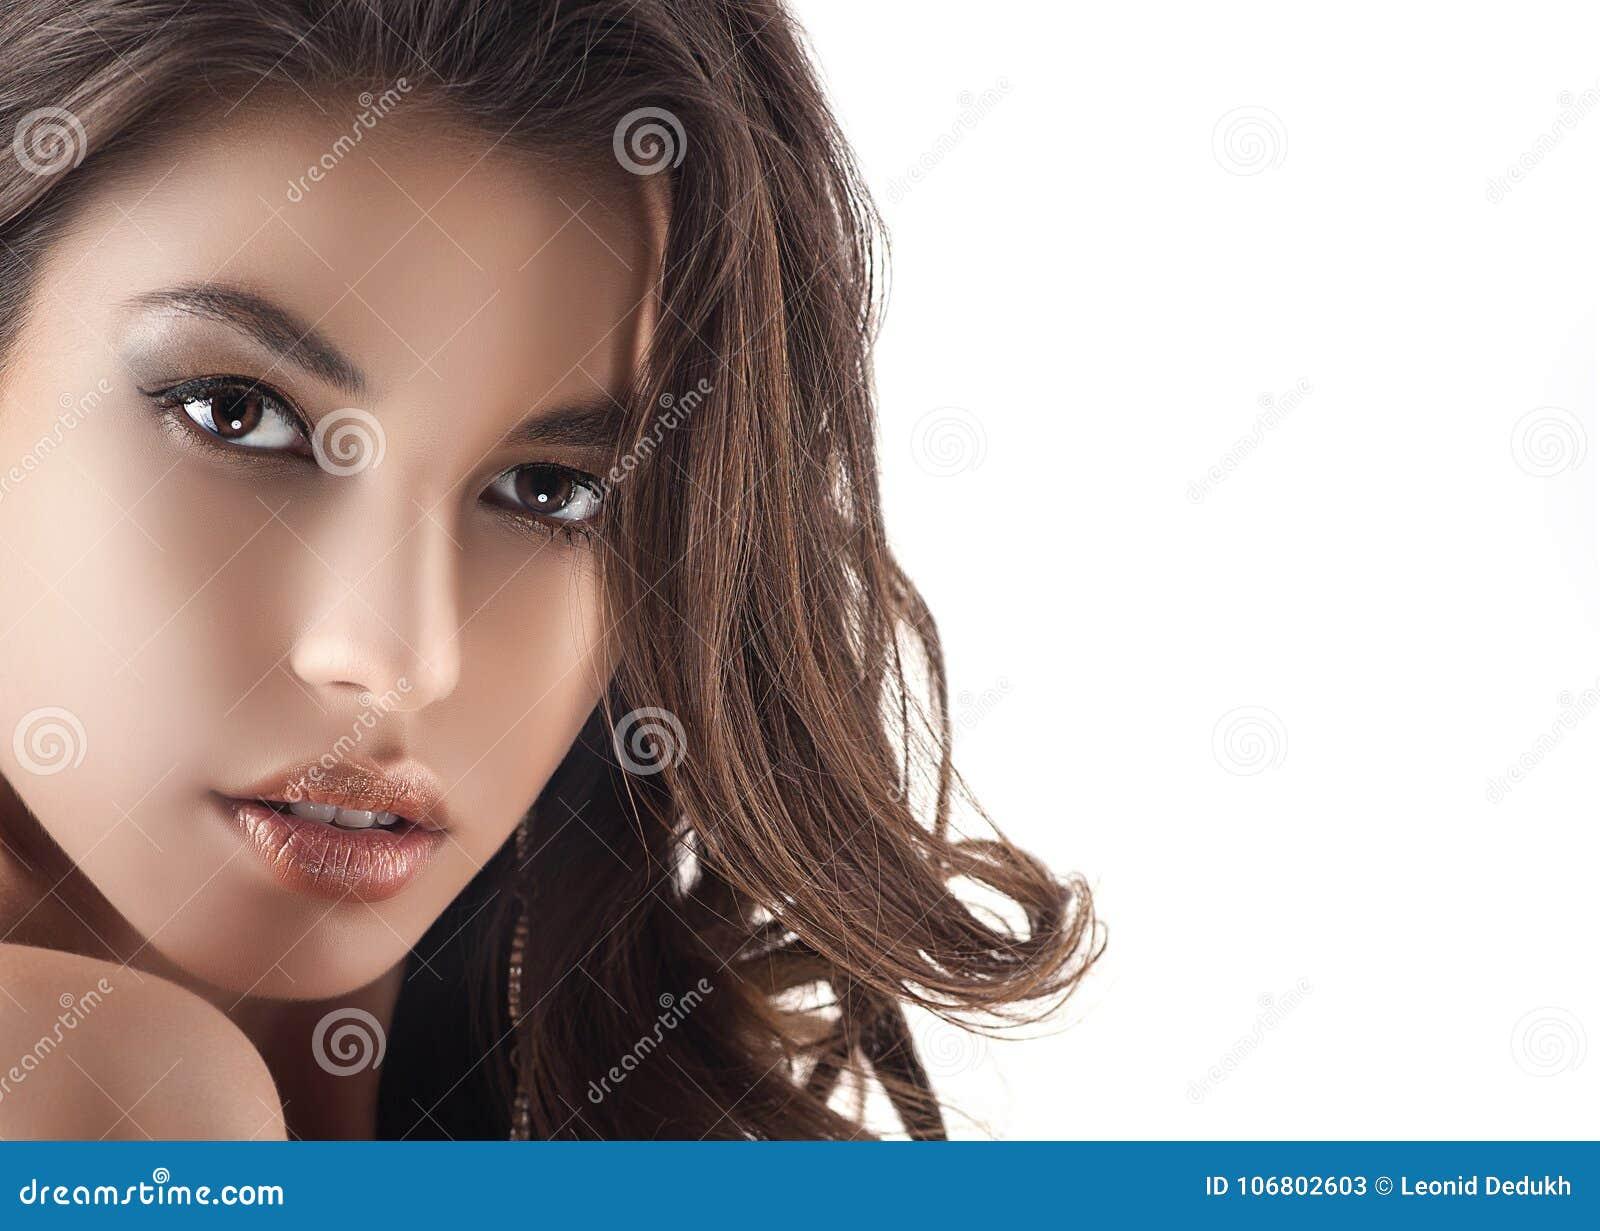 Download Junge Frau Vor Spiegel Im Verfassungsraum Stockbild - Bild von person, gesicht: 106802603